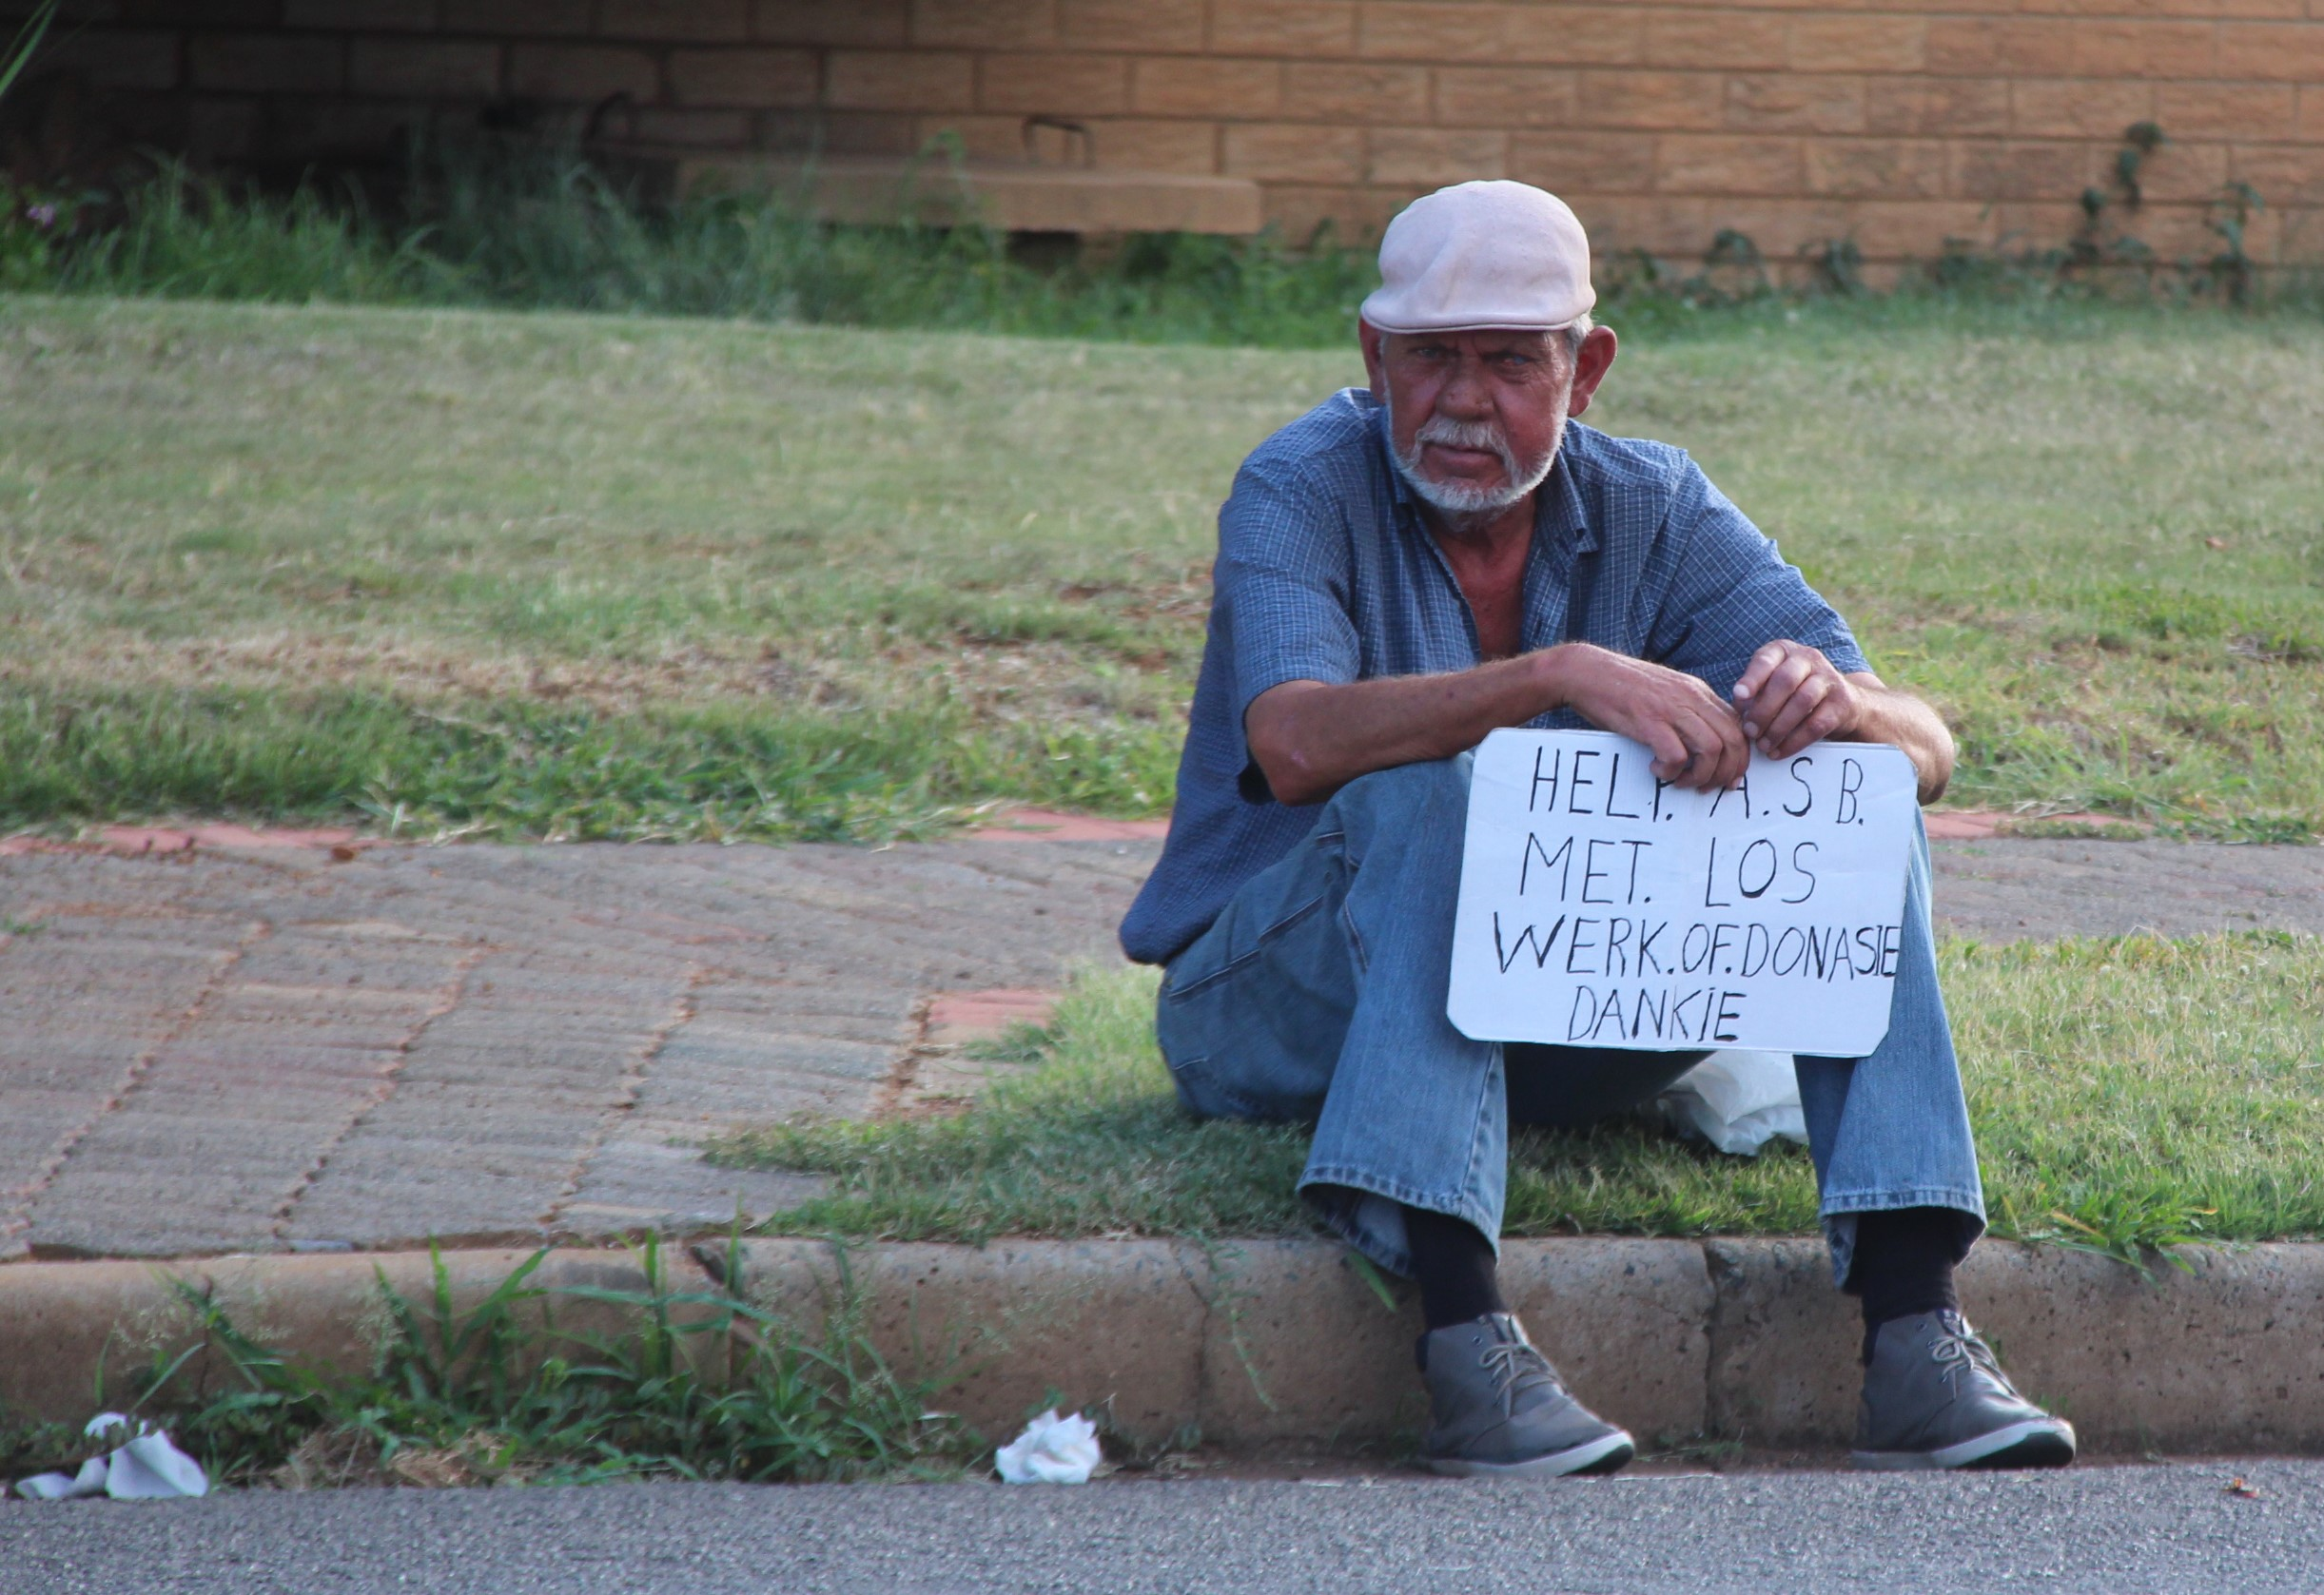 Hierdie Kersseisoen is daar steeds mense wat alleen op straat sit, sonder werk, kos of liefde in Potchefstroom. Hoe kom mense op hierdie punt?